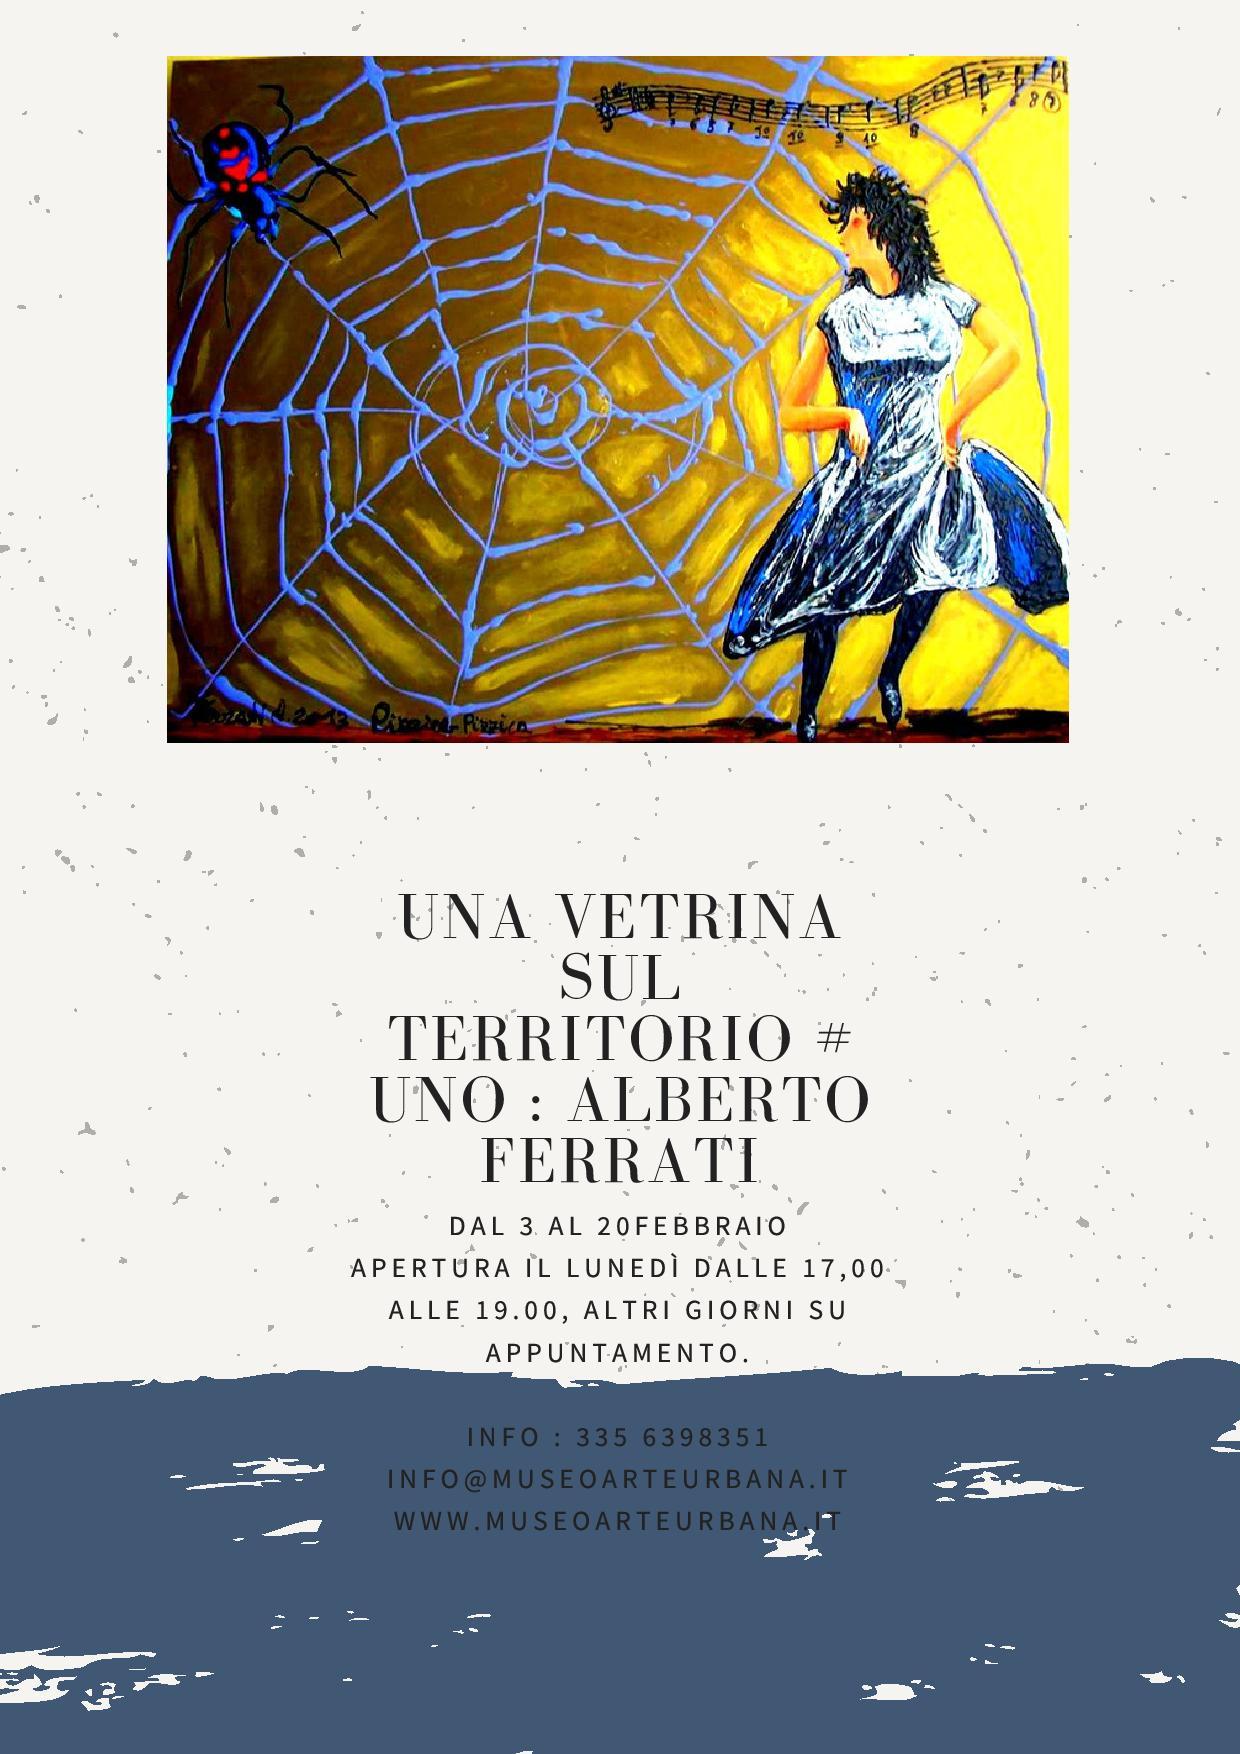 locandina ferrati-page-001